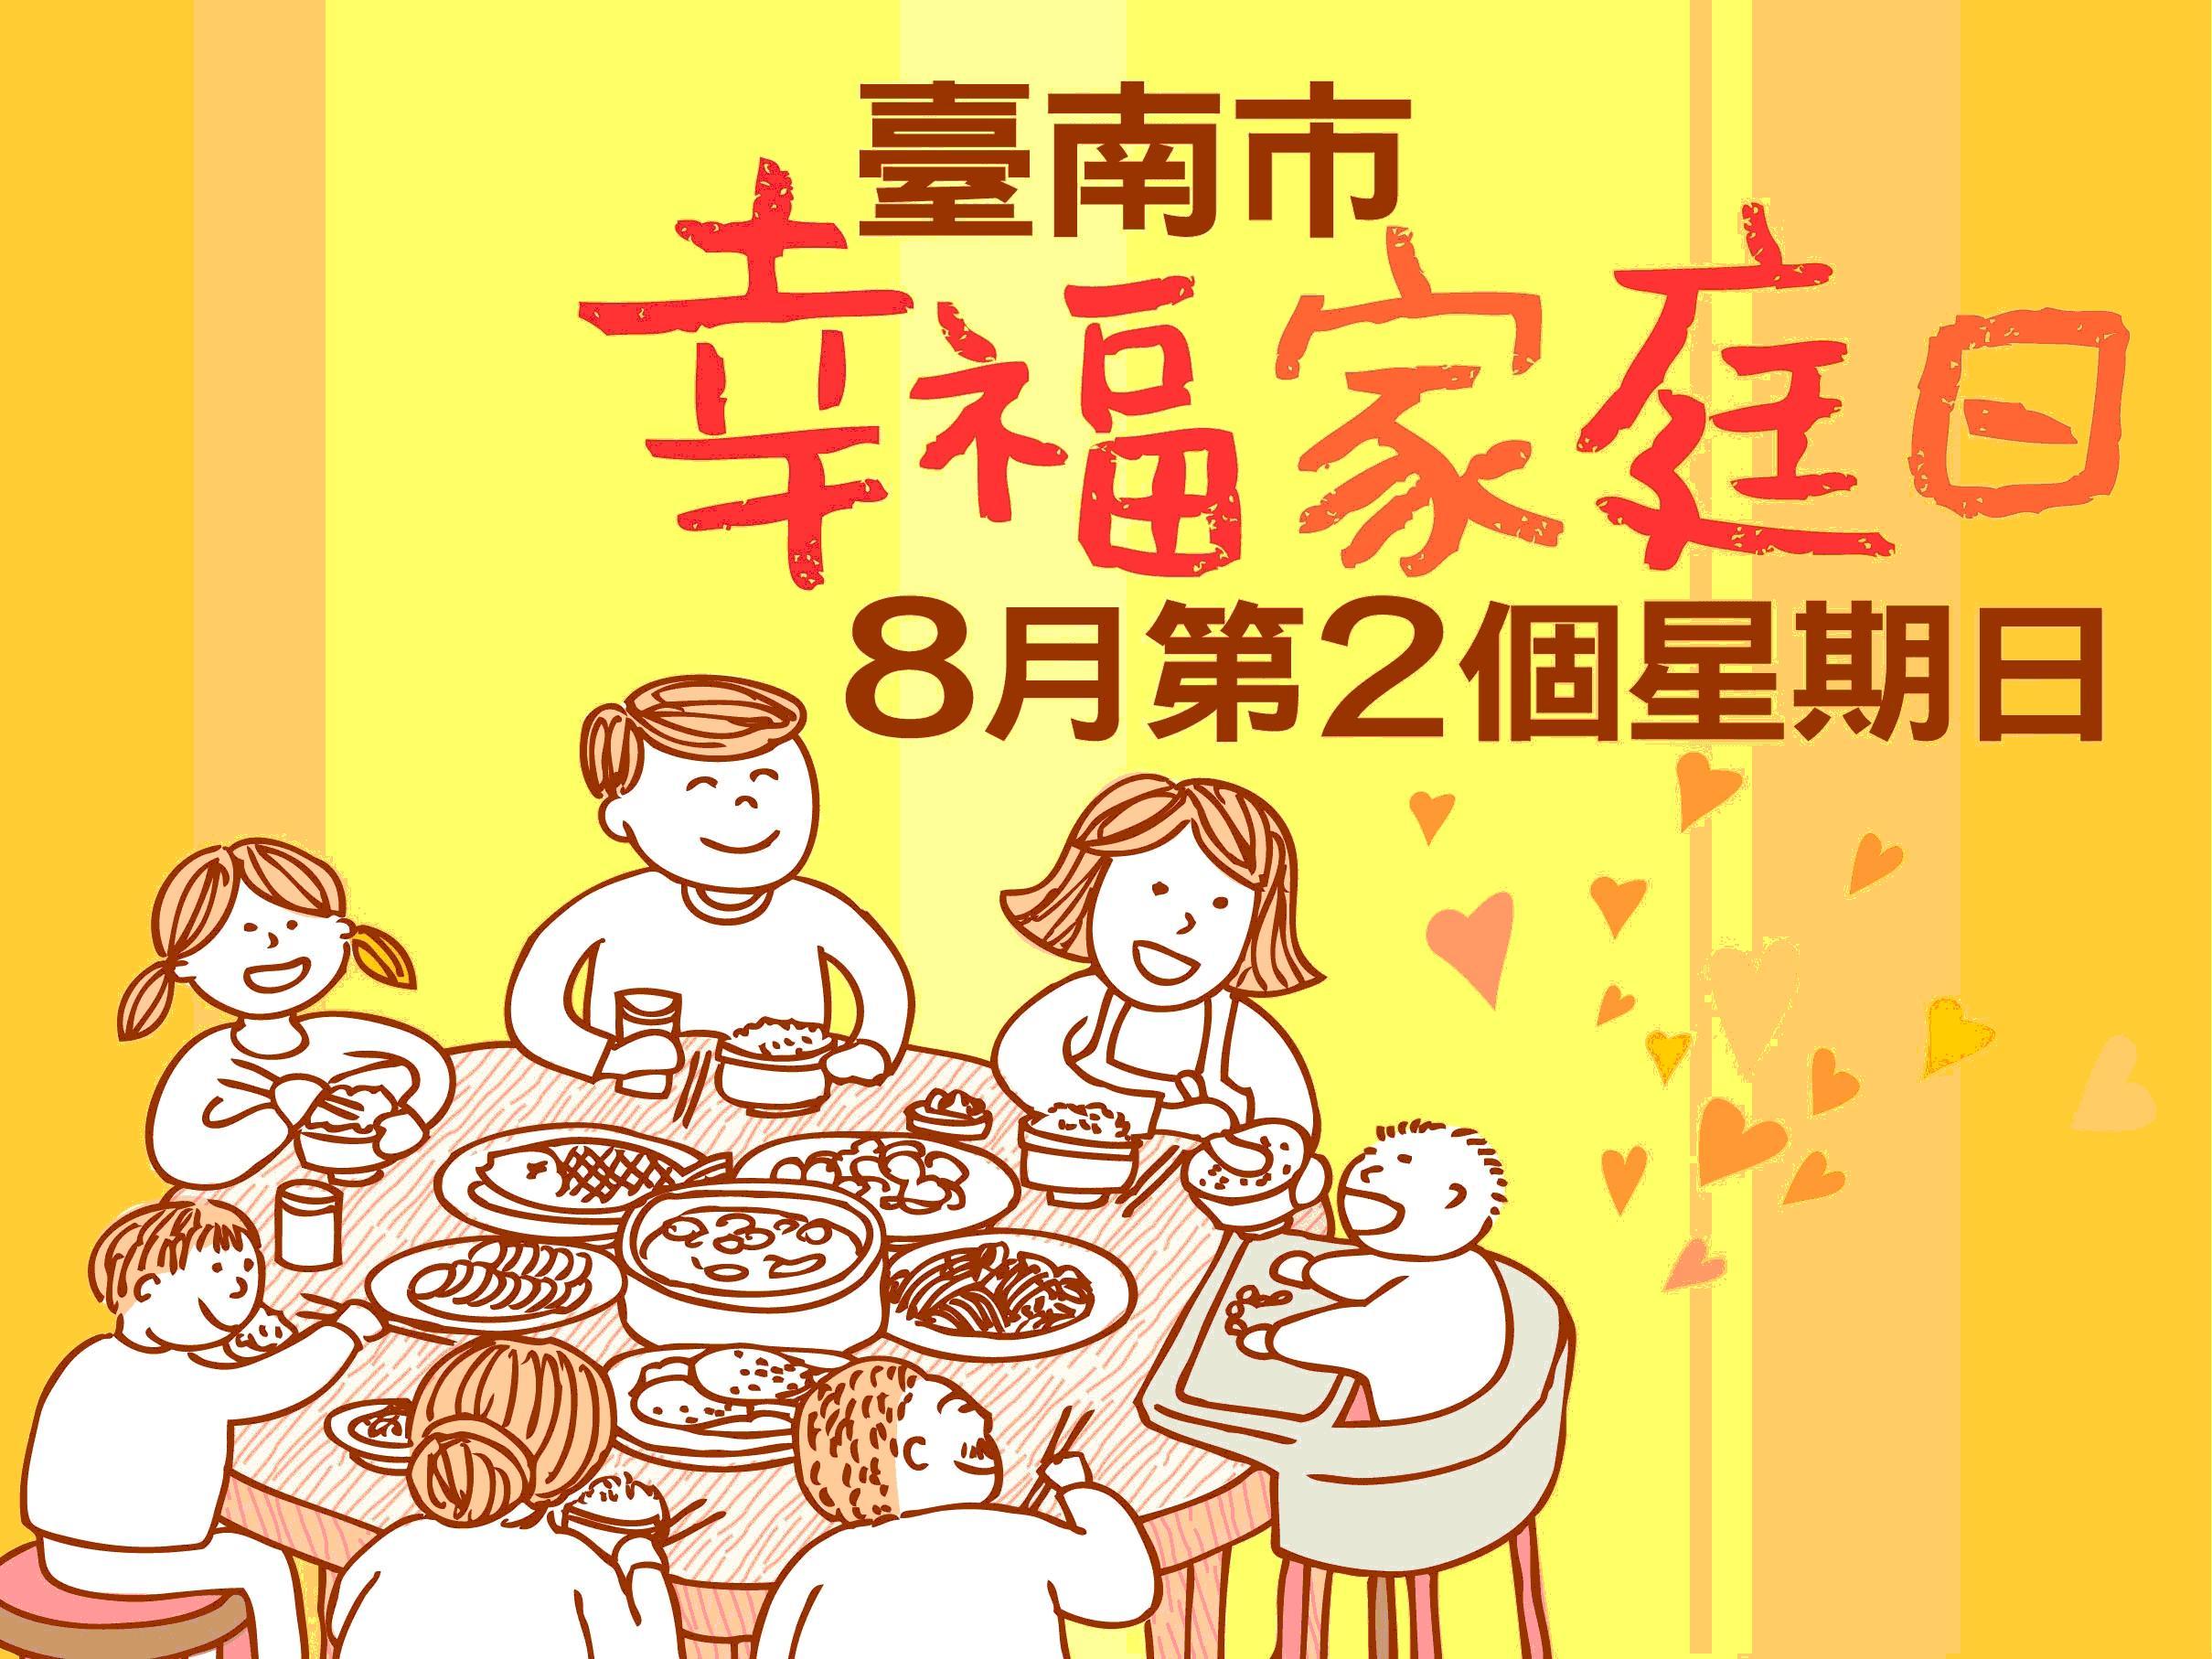 每年8月第2個星期日為「臺南市幸福家庭日」  0